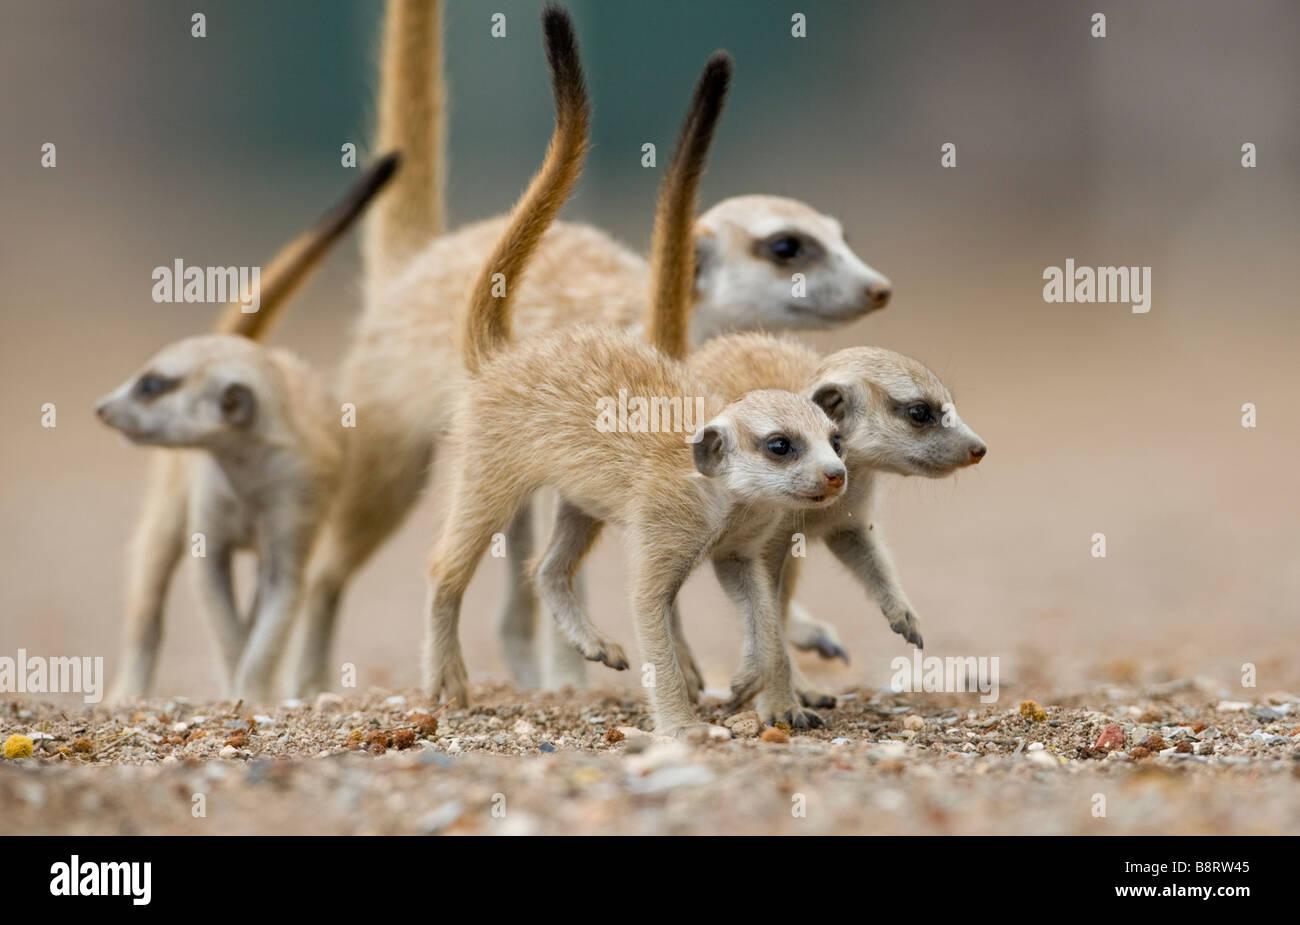 Africa Namibia Keetmanshoop Meerkat cuccioli Suricata suricatta camminando con pazienti adulti al di fuori del nido Immagini Stock